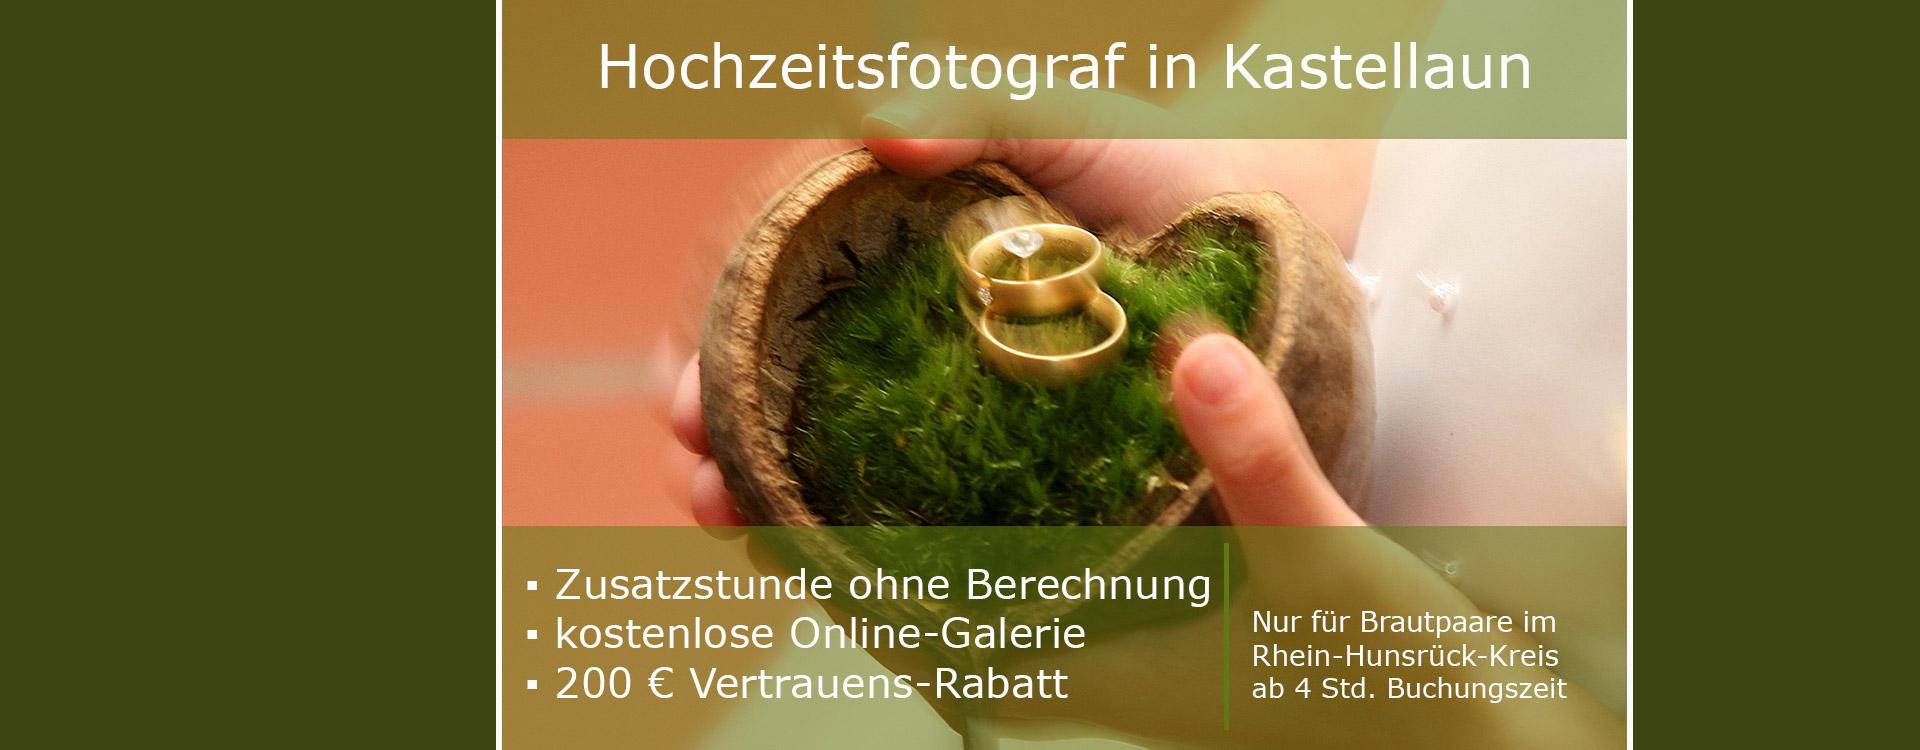 Hochzeitsfotograf Kastellaun,-Preise und aktuelle Angebote